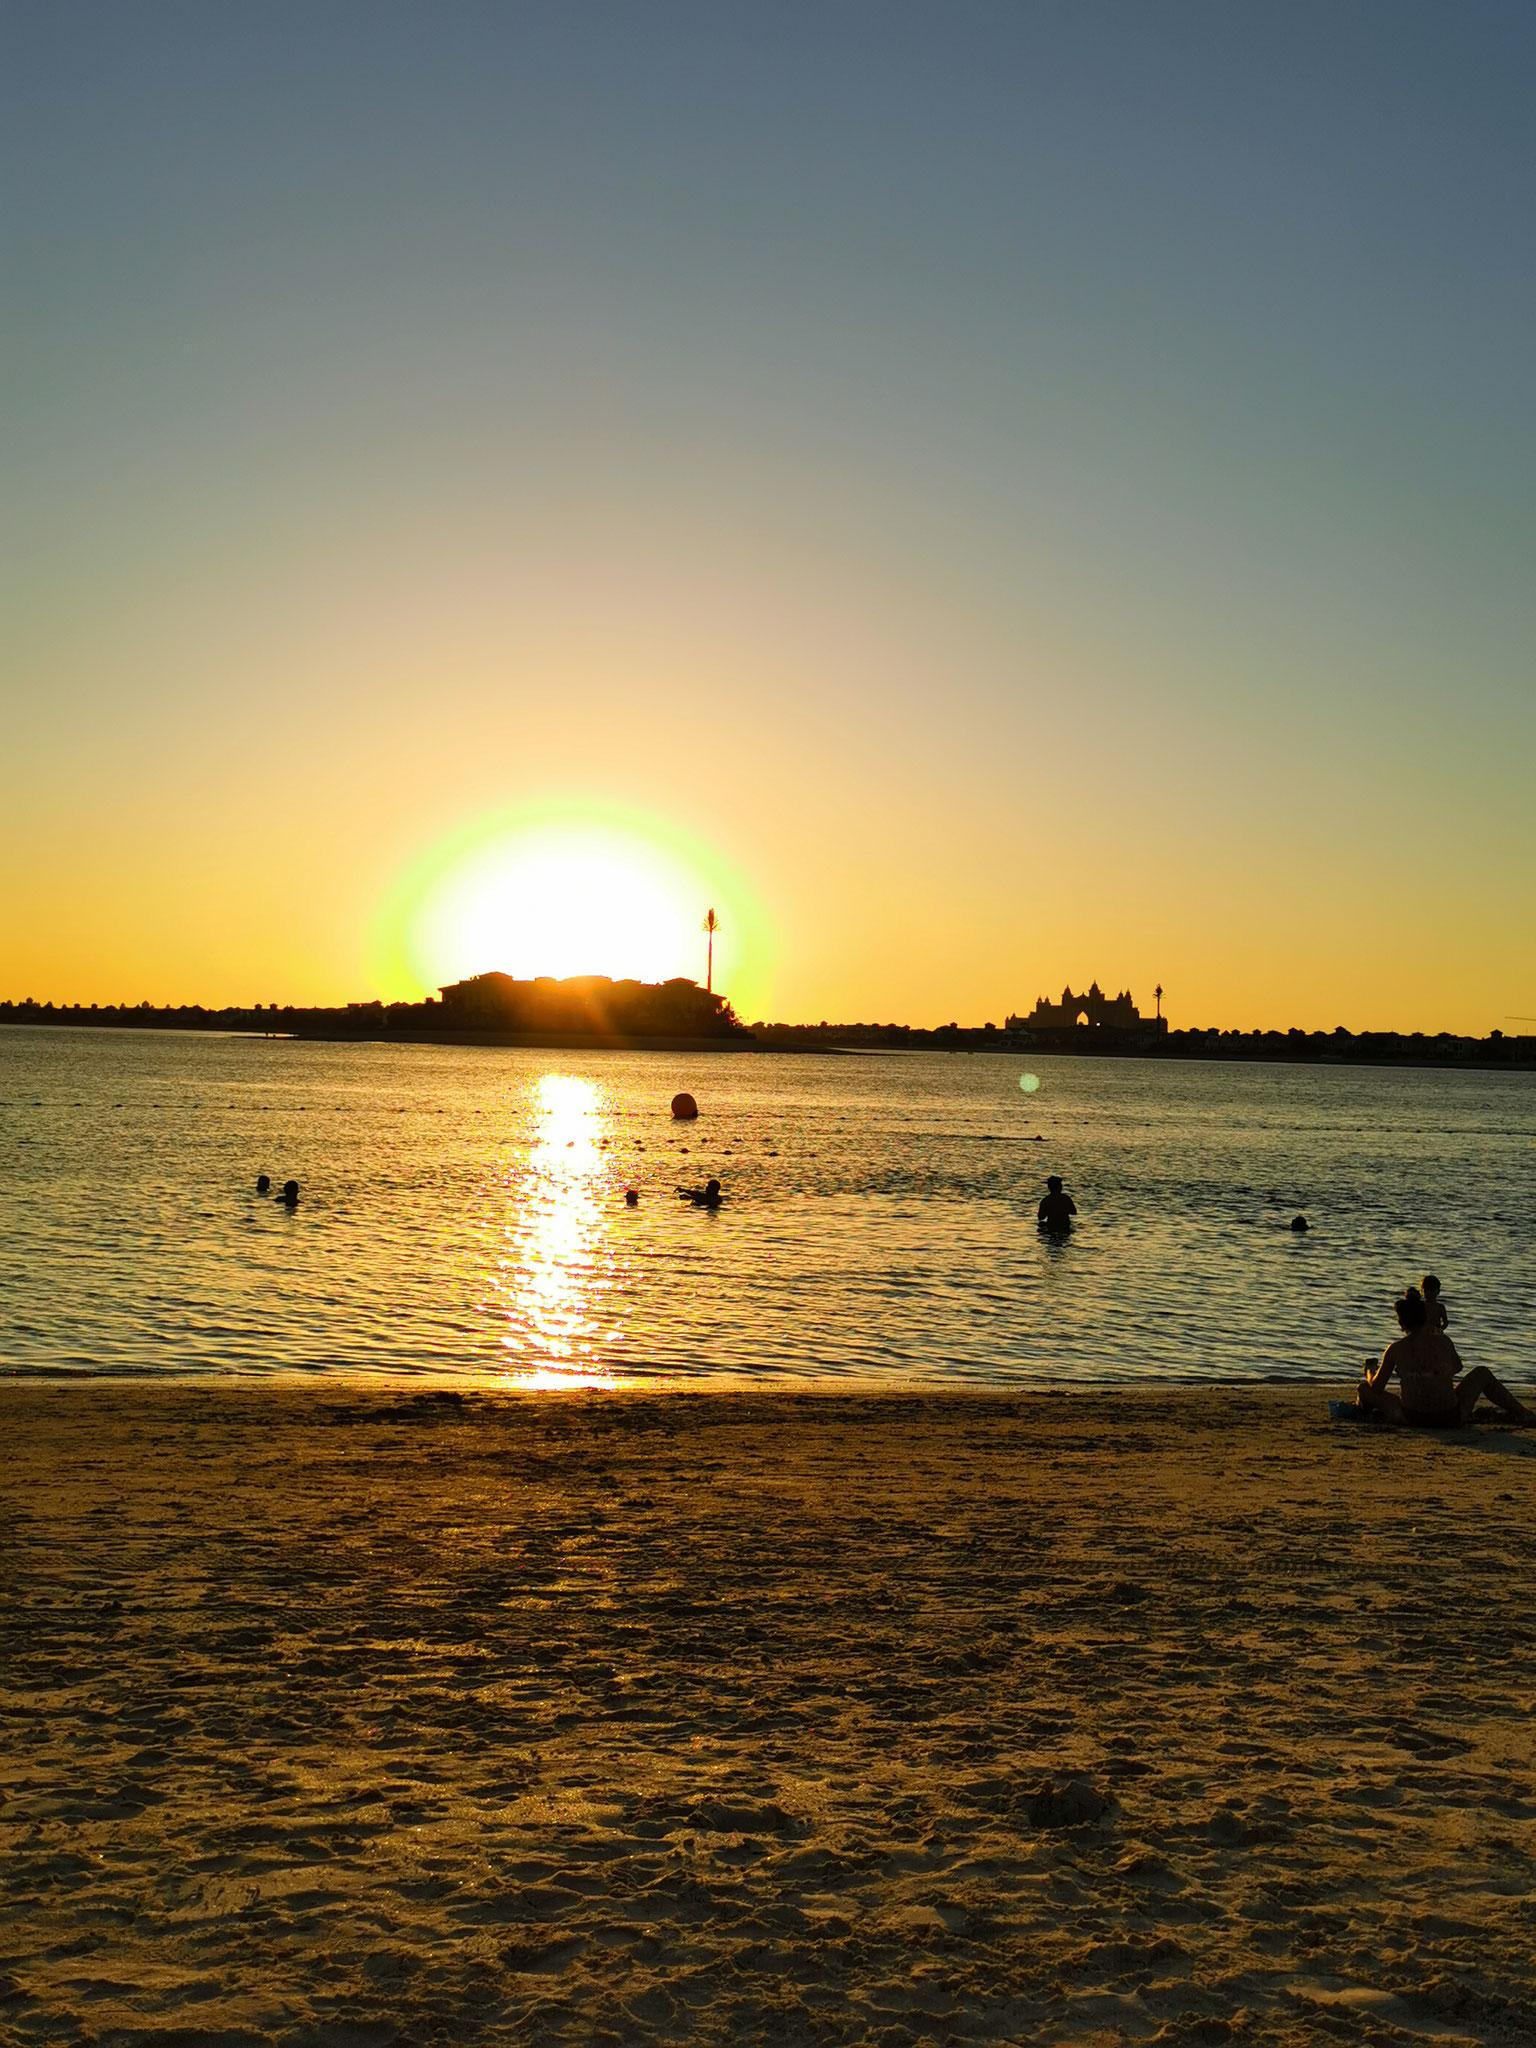 Ein traumhaft schöner Sonnenuntergang, nicht wahr?